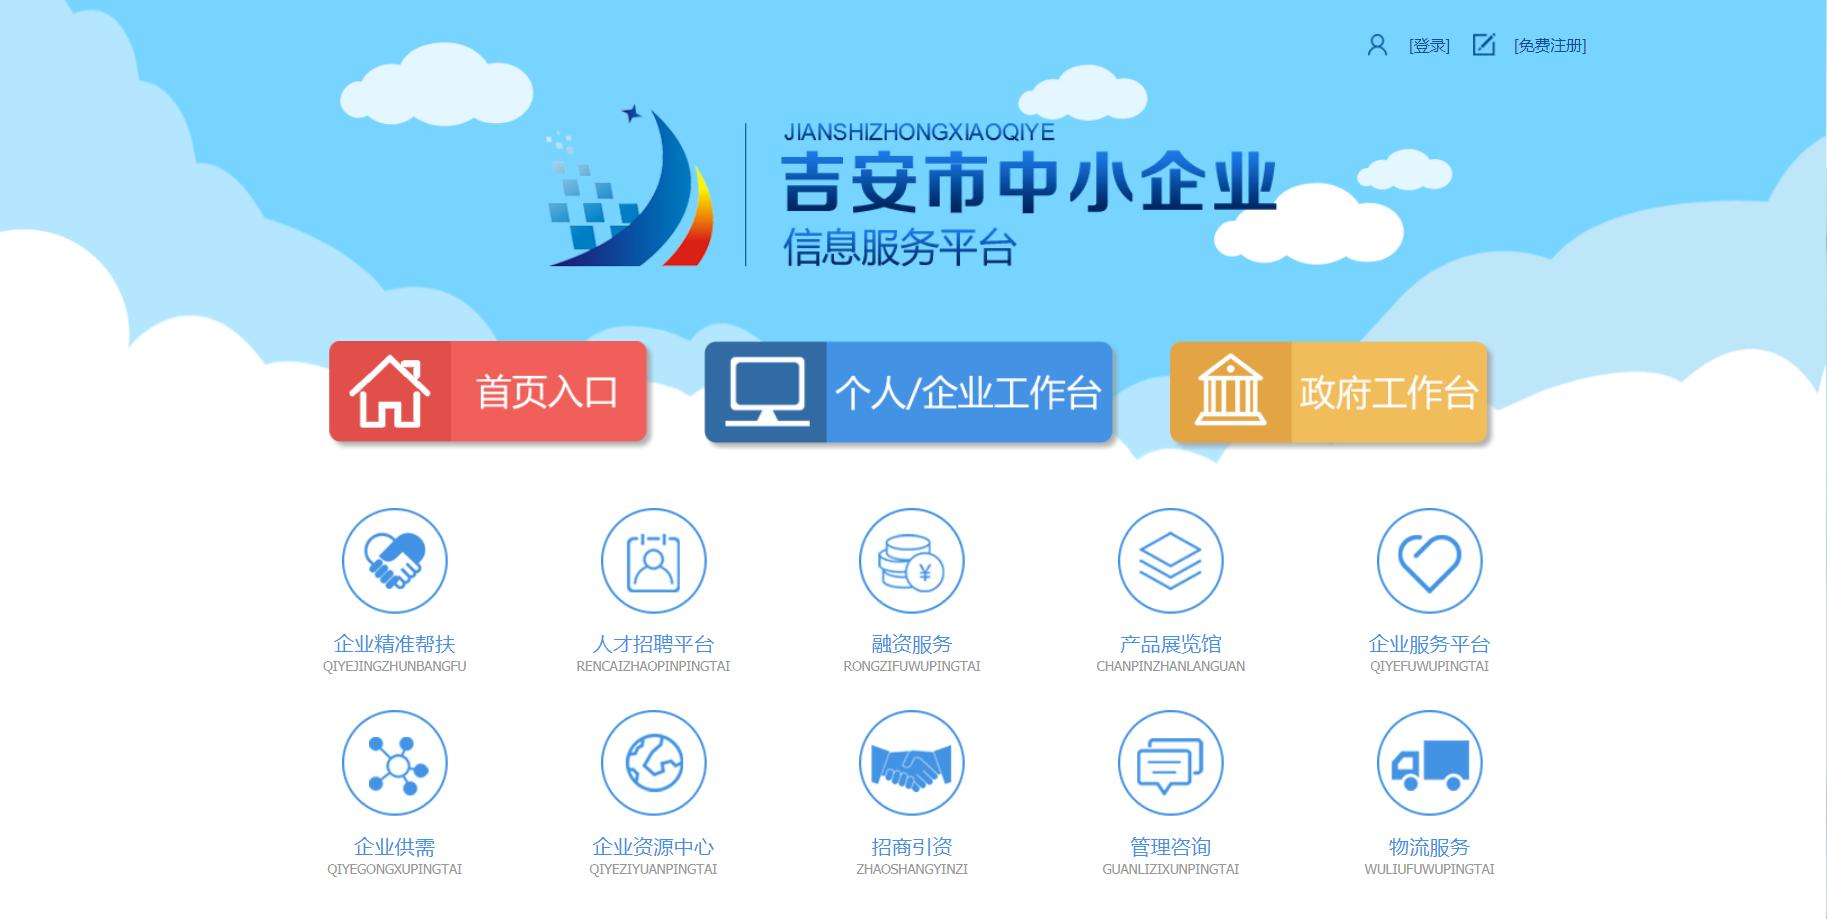 吉安中小企业信息服务平台.png